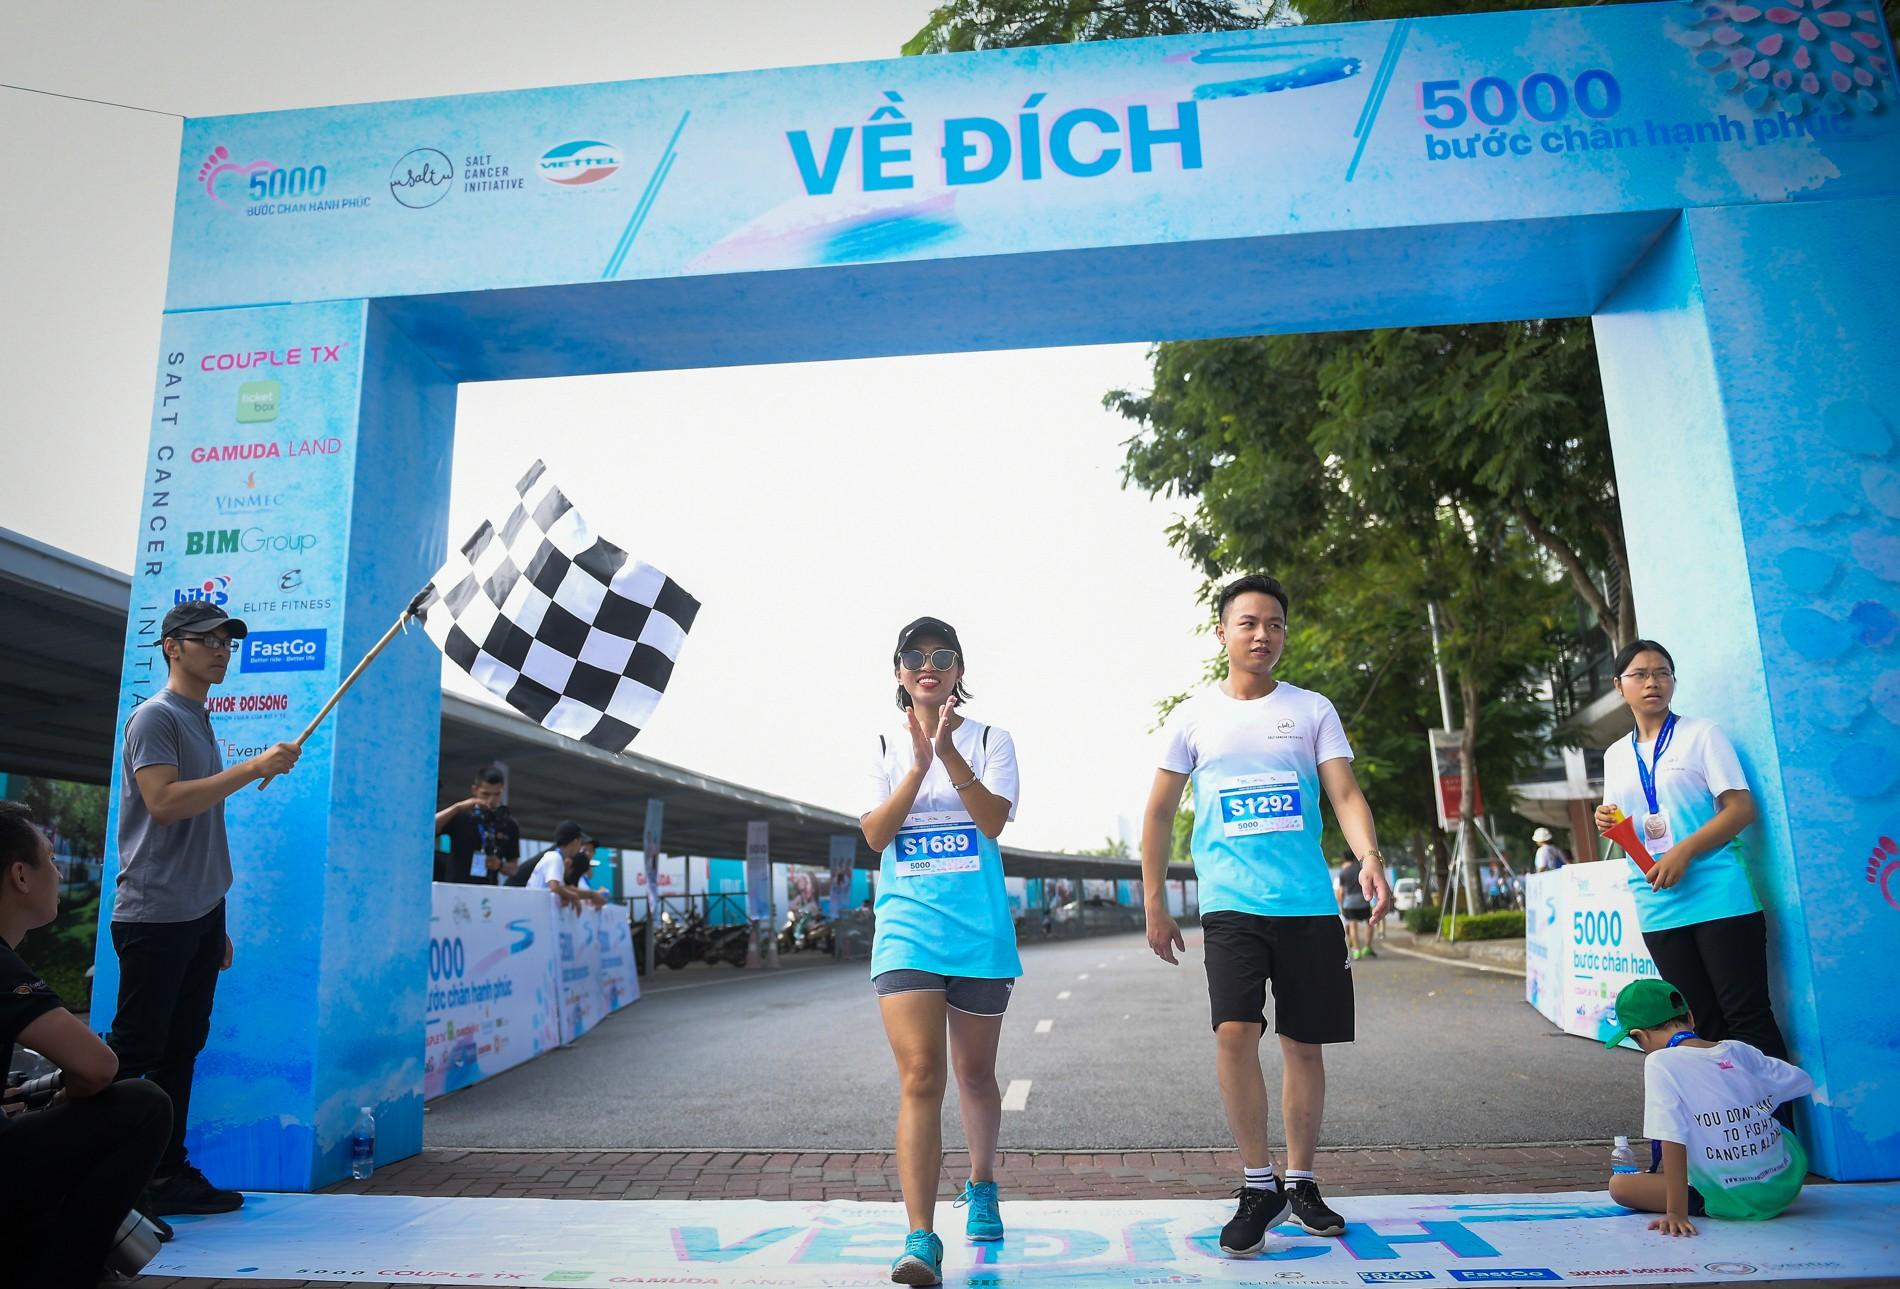 Hàng nghìn người dân tham gia đi bộ vì bệnh nhân ung thư Việt Nam 15